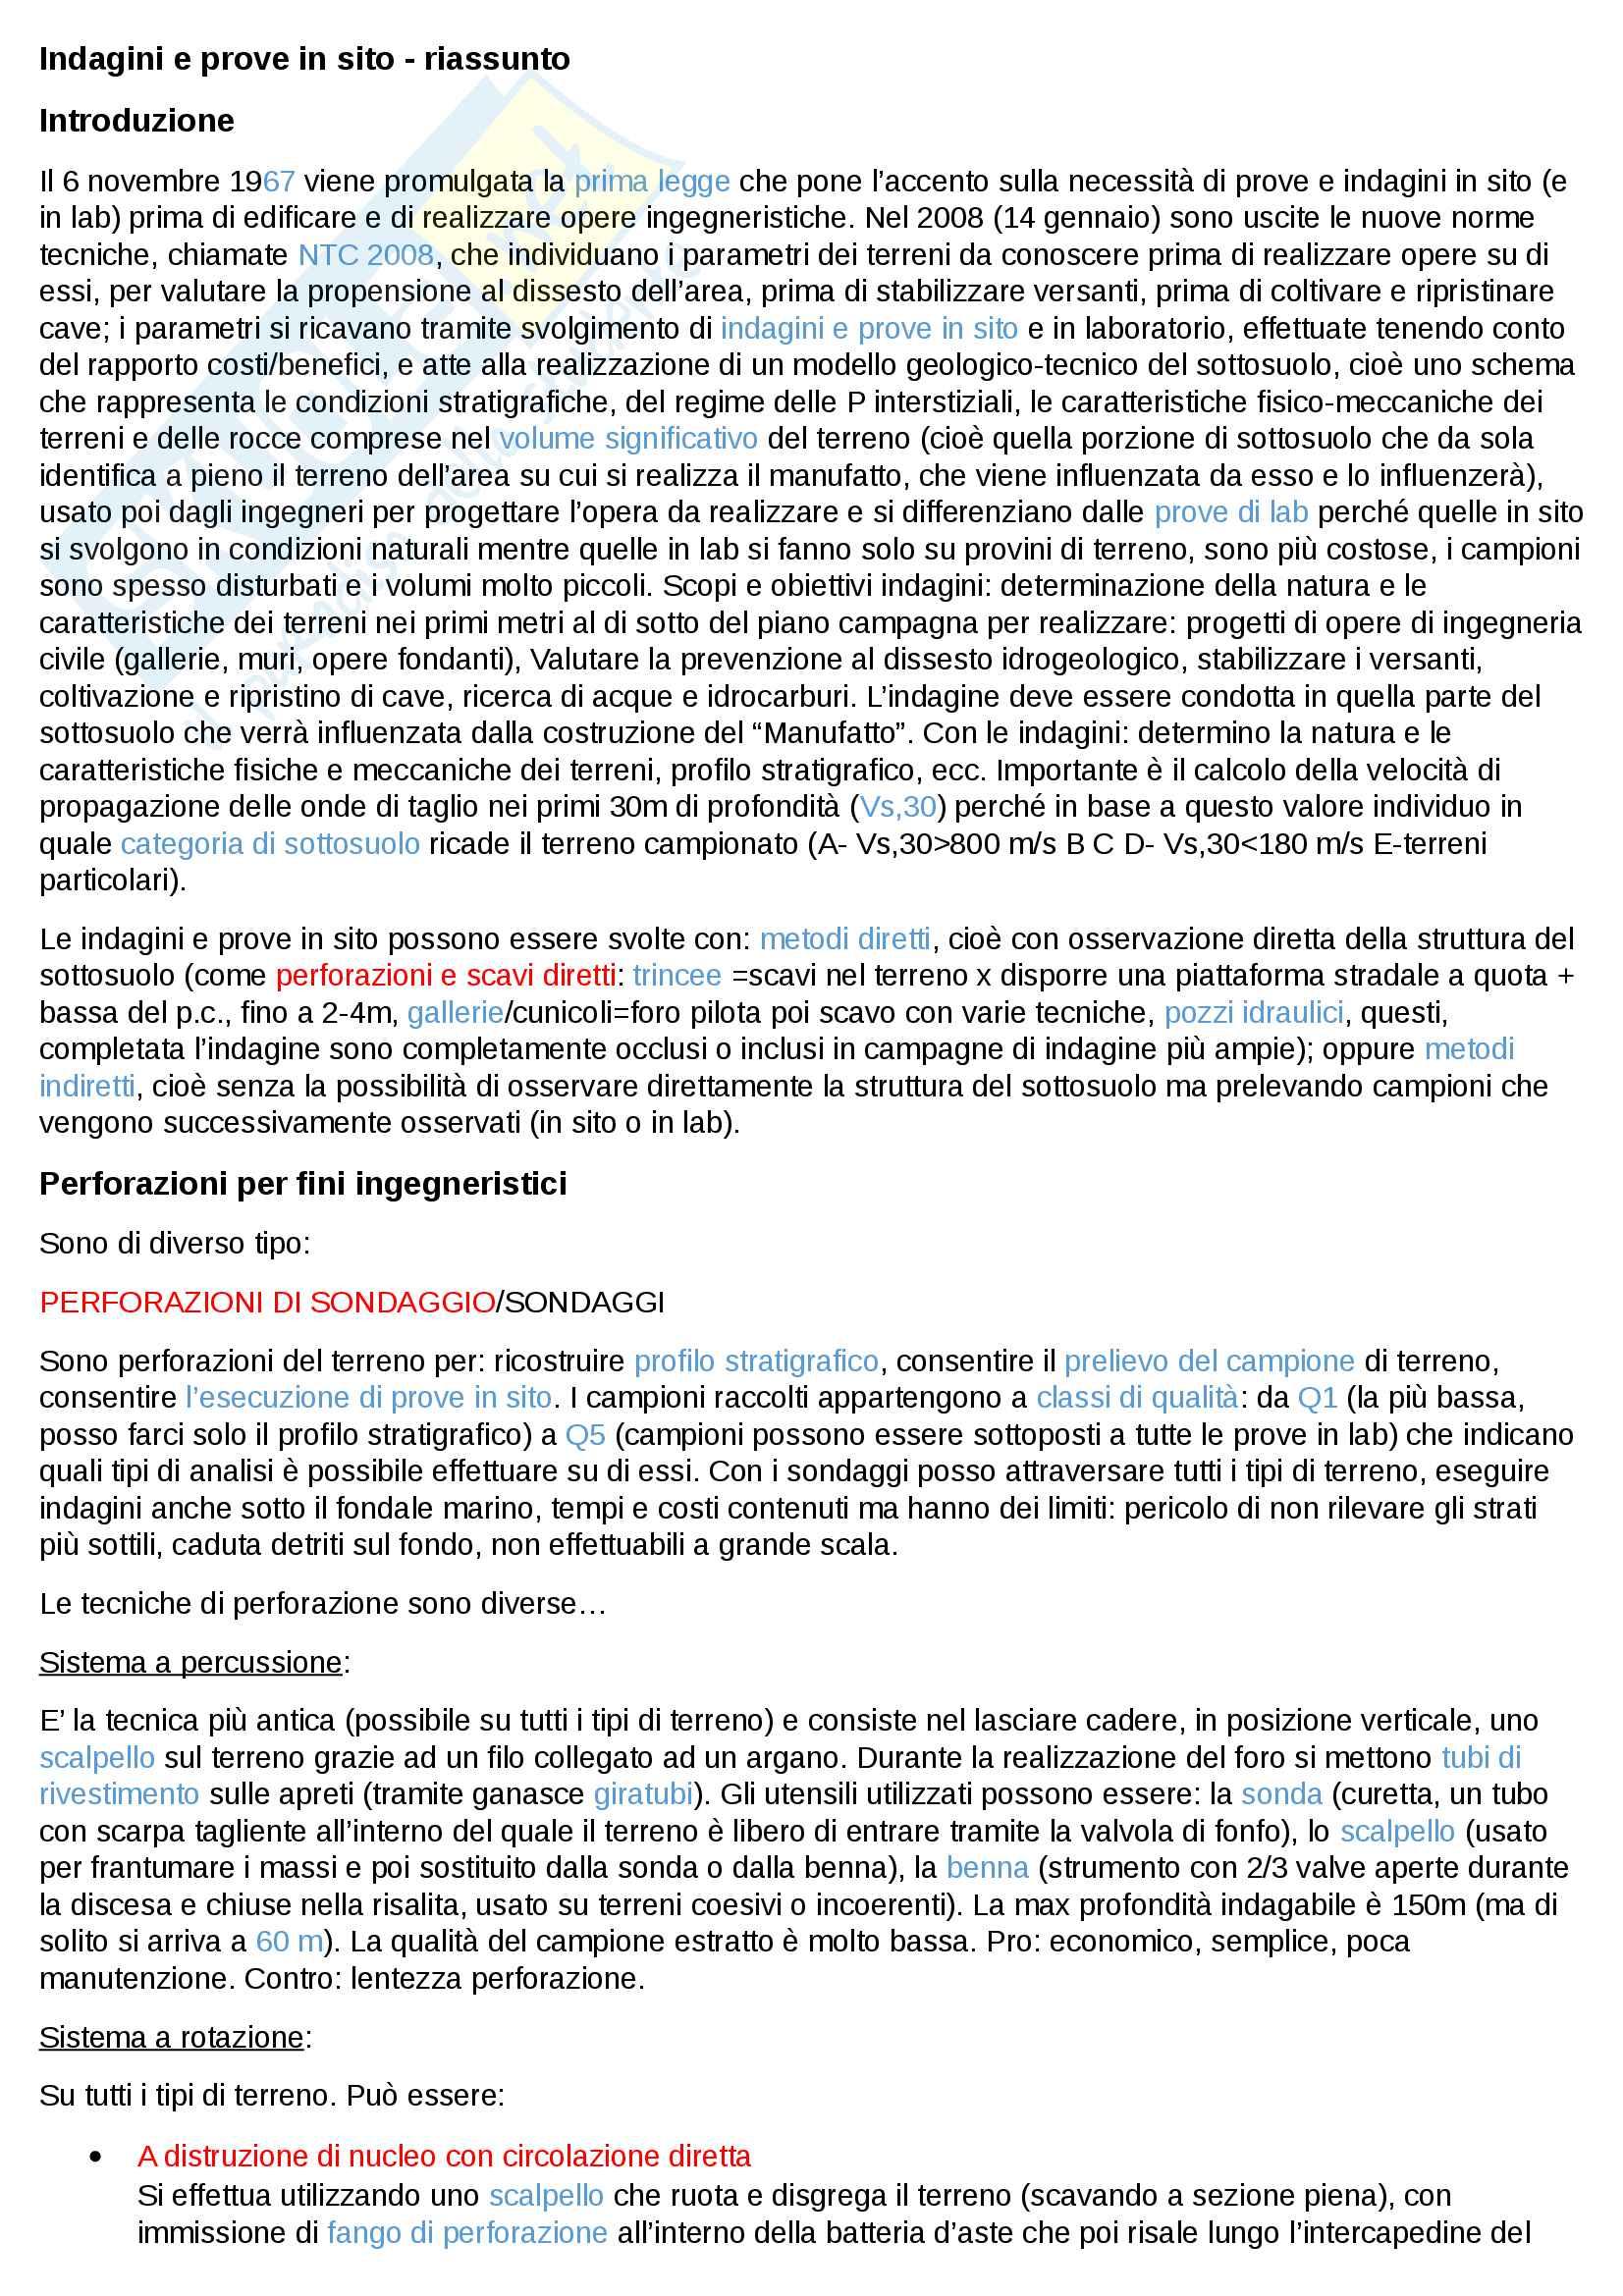 Indagini e prove in sito - riassunto dettagliato per il corso